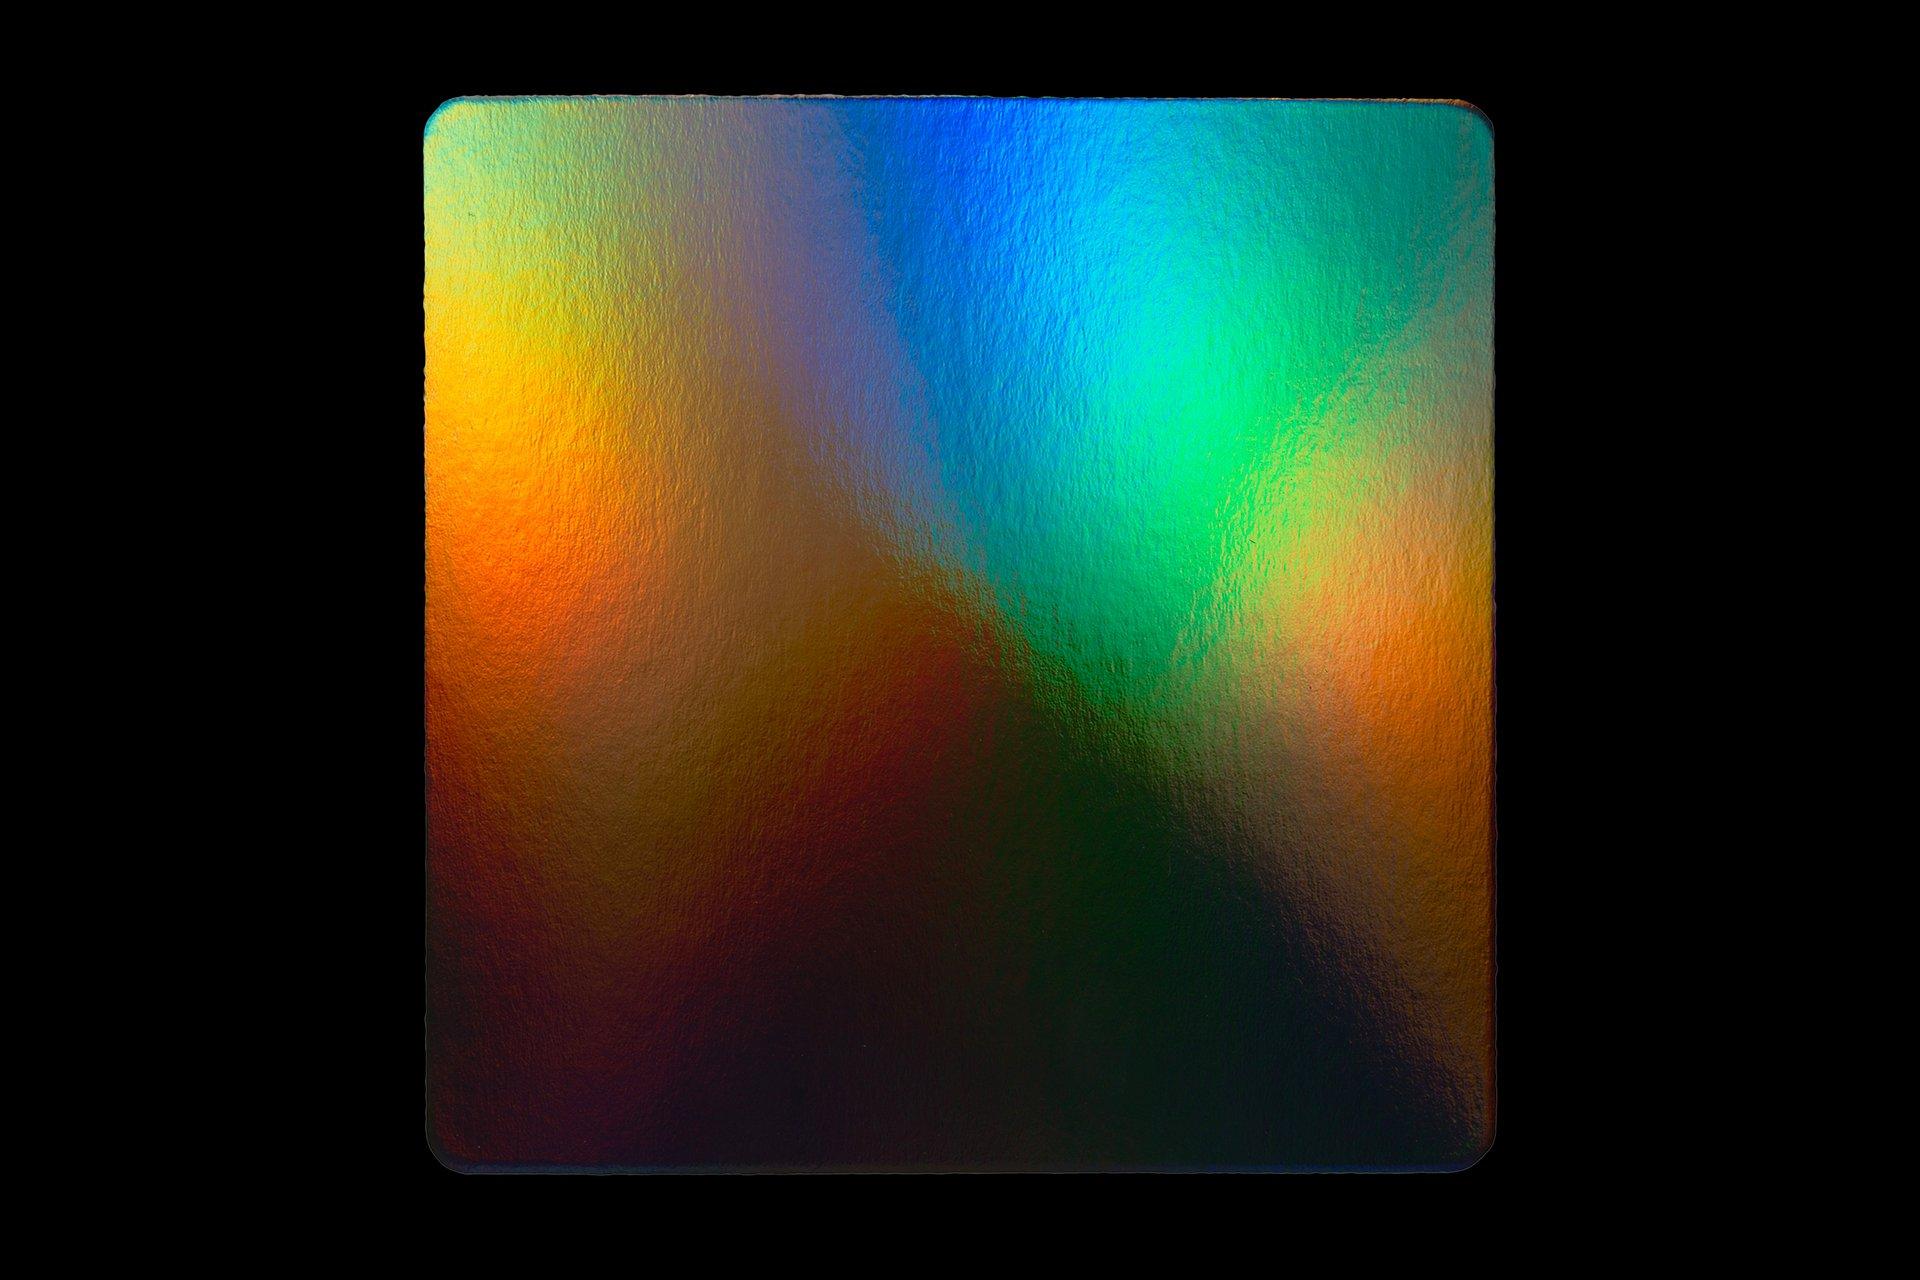 [淘宝购买] 143款炫彩全息渐变海报设计底纹背景图片素材 Blkmarket – 140+ Holographic Texture ( Shiny)插图(7)